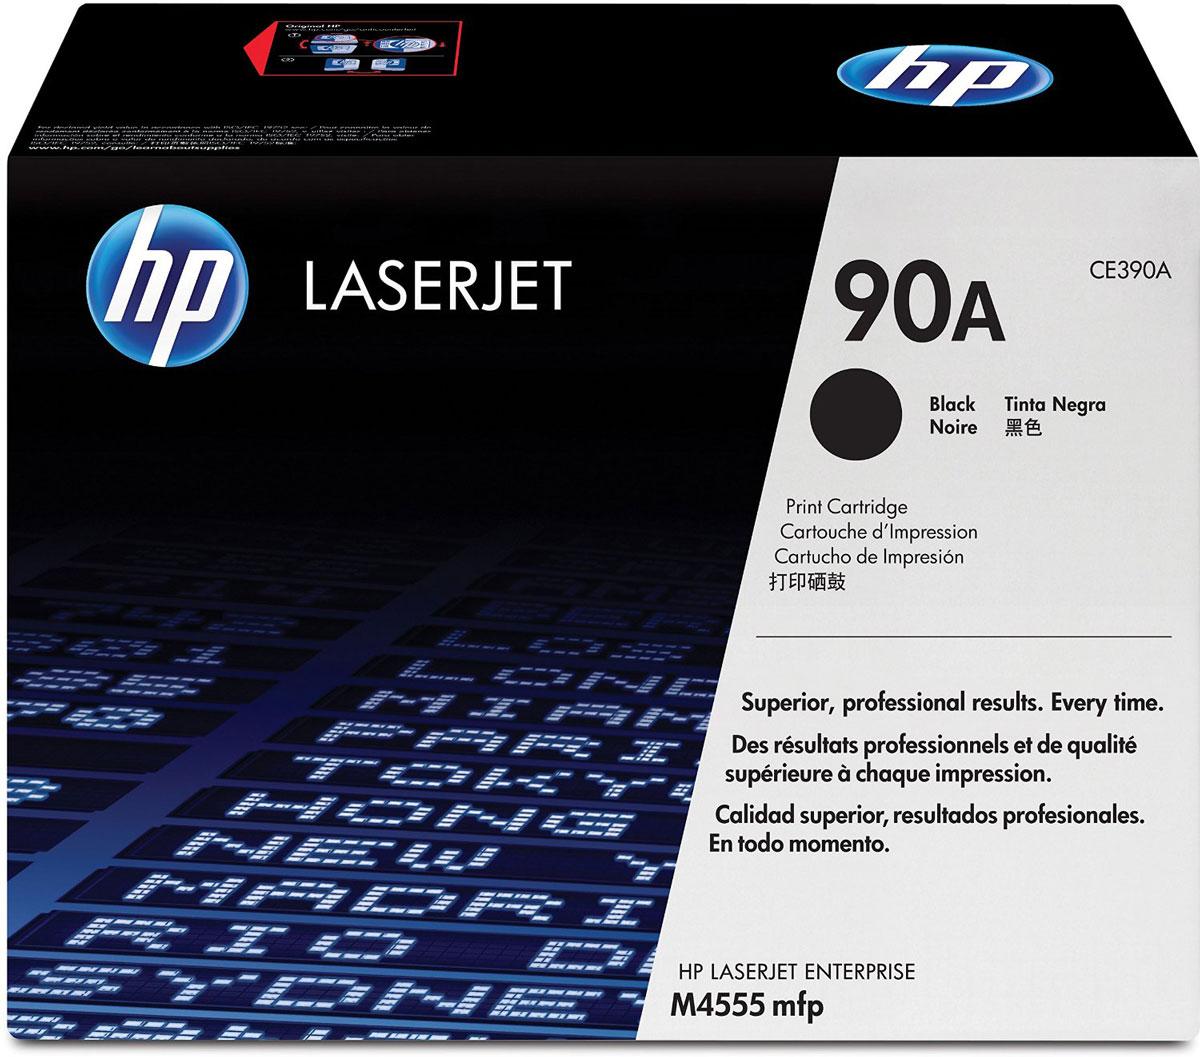 HP CE390A (№90A), Black тонер-картридж для LaserJet Enterprise M4555MFP/M601/M602/M603CE390AИспользуйте картриджи HP CE390A (№90A) для печати документов с высоким качеством и для повышения производительности. Печатайте с высокой скоростью без ущерба для качества. Получайте отпечатки с четким текстом и яркой графикой и экономьте электроэнергию. Используйте оригинальные картриджи HP LaserJet для повышения производительности. Улучшенный тонер HP быстро закрепляется на бумаге, что обеспечивает быструю печать с выдающимся качеством. Установка выполняется быстро и не вызывает трудностей. Создайте профессиональное впечатление благодаря четкому тексту и яркой графике. Получайте отпечатки стабильно высокого качества с помощью картриджа, разработанного и протестированного вместе с принтером для обеспечения оптимального качества и производительности.